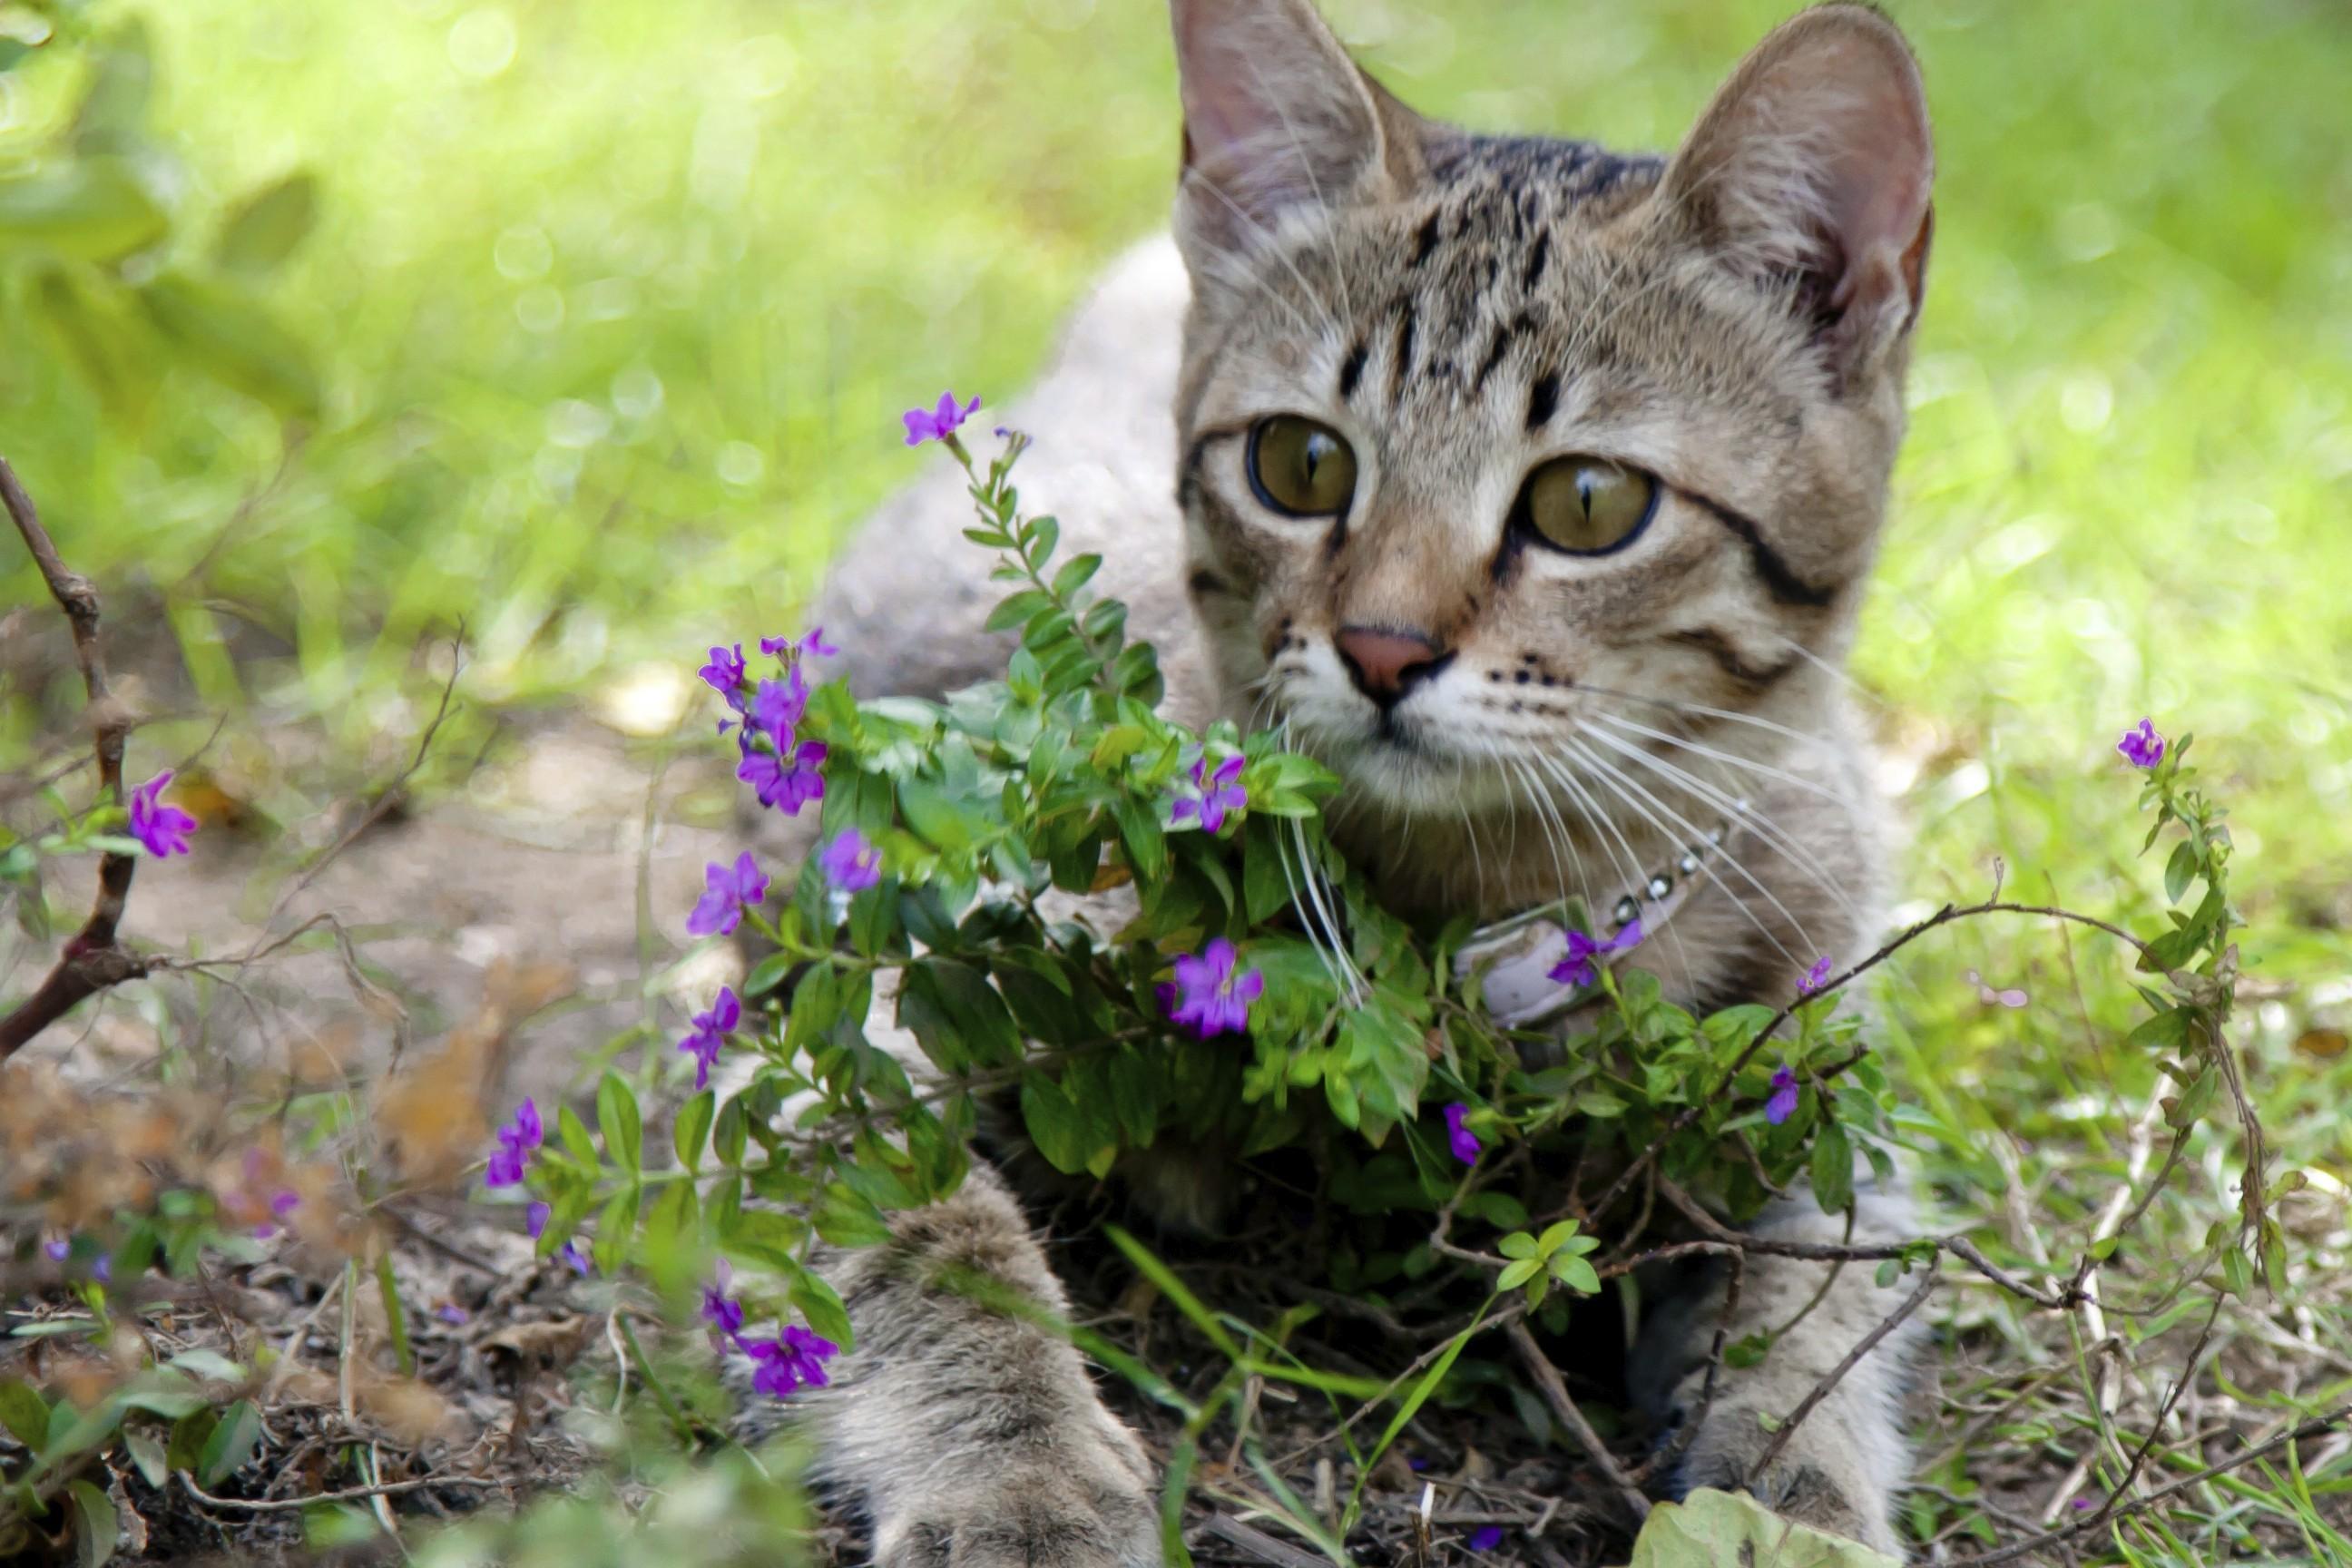 Come allontanare i gatti randagi dal giardino ae8056d02a84c09fe96c53b096fda39f antifurto casa - Allontanare i gatti dal giardino ...